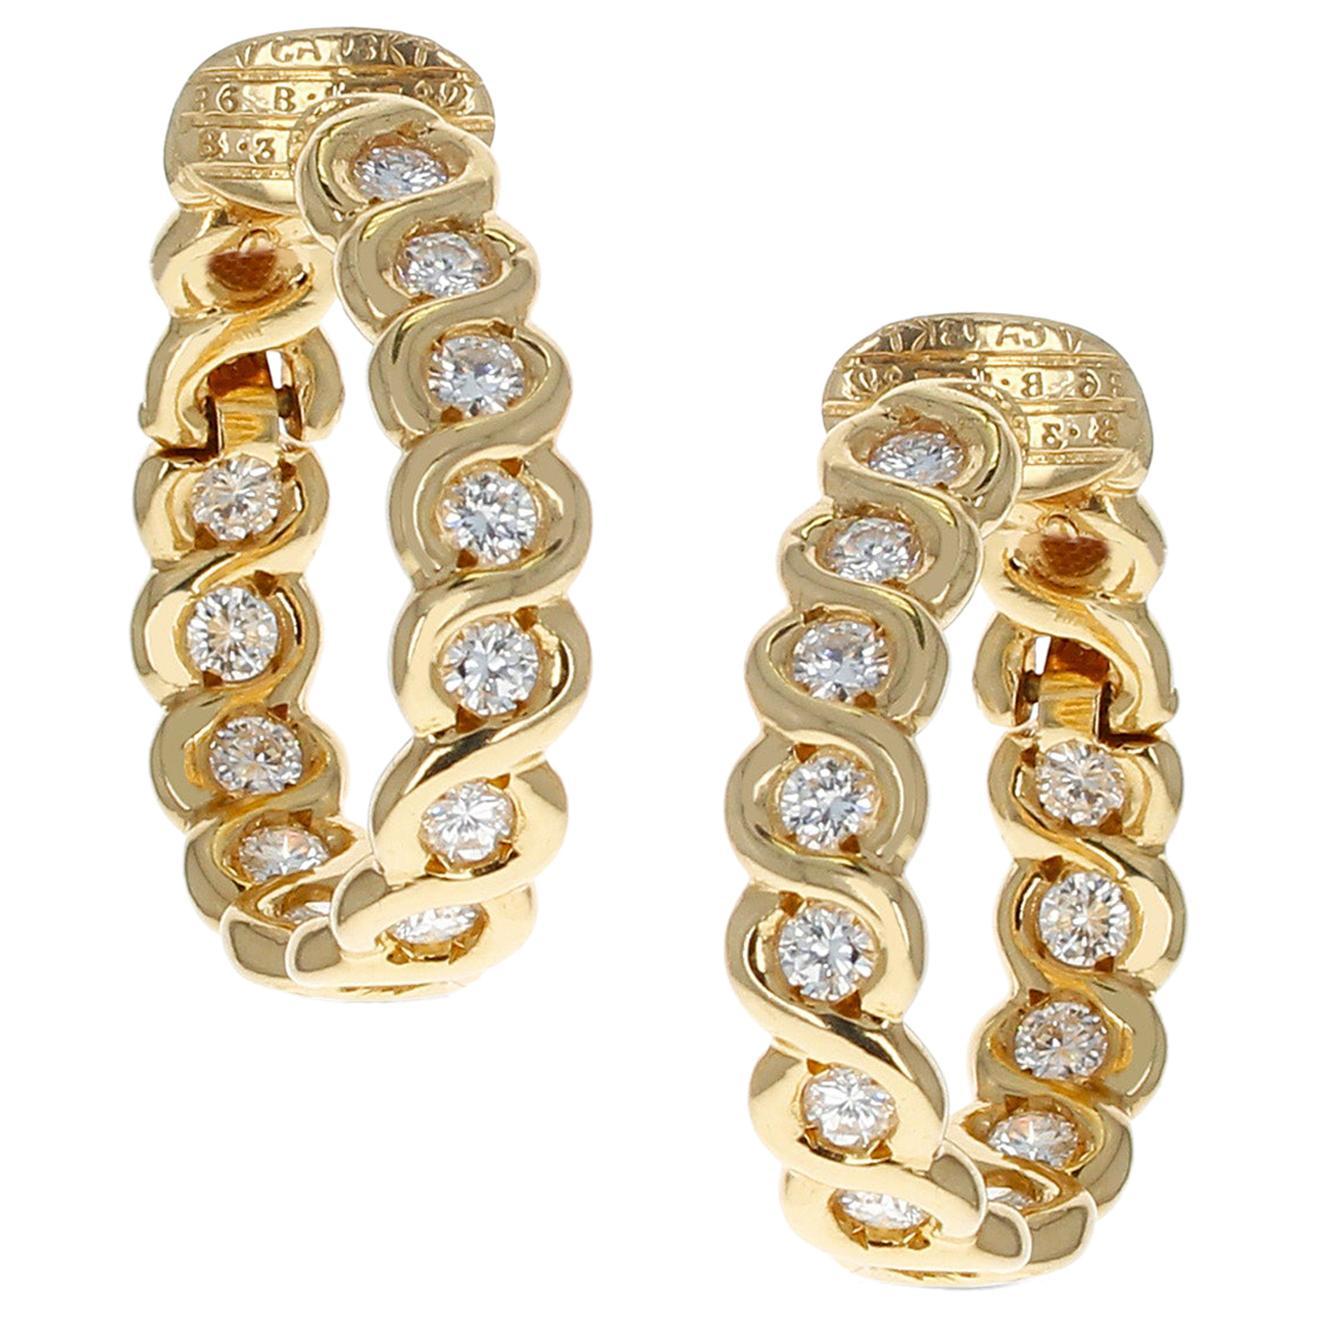 Van Cleef & Arpels Diamond and Gold Hoop Earrings